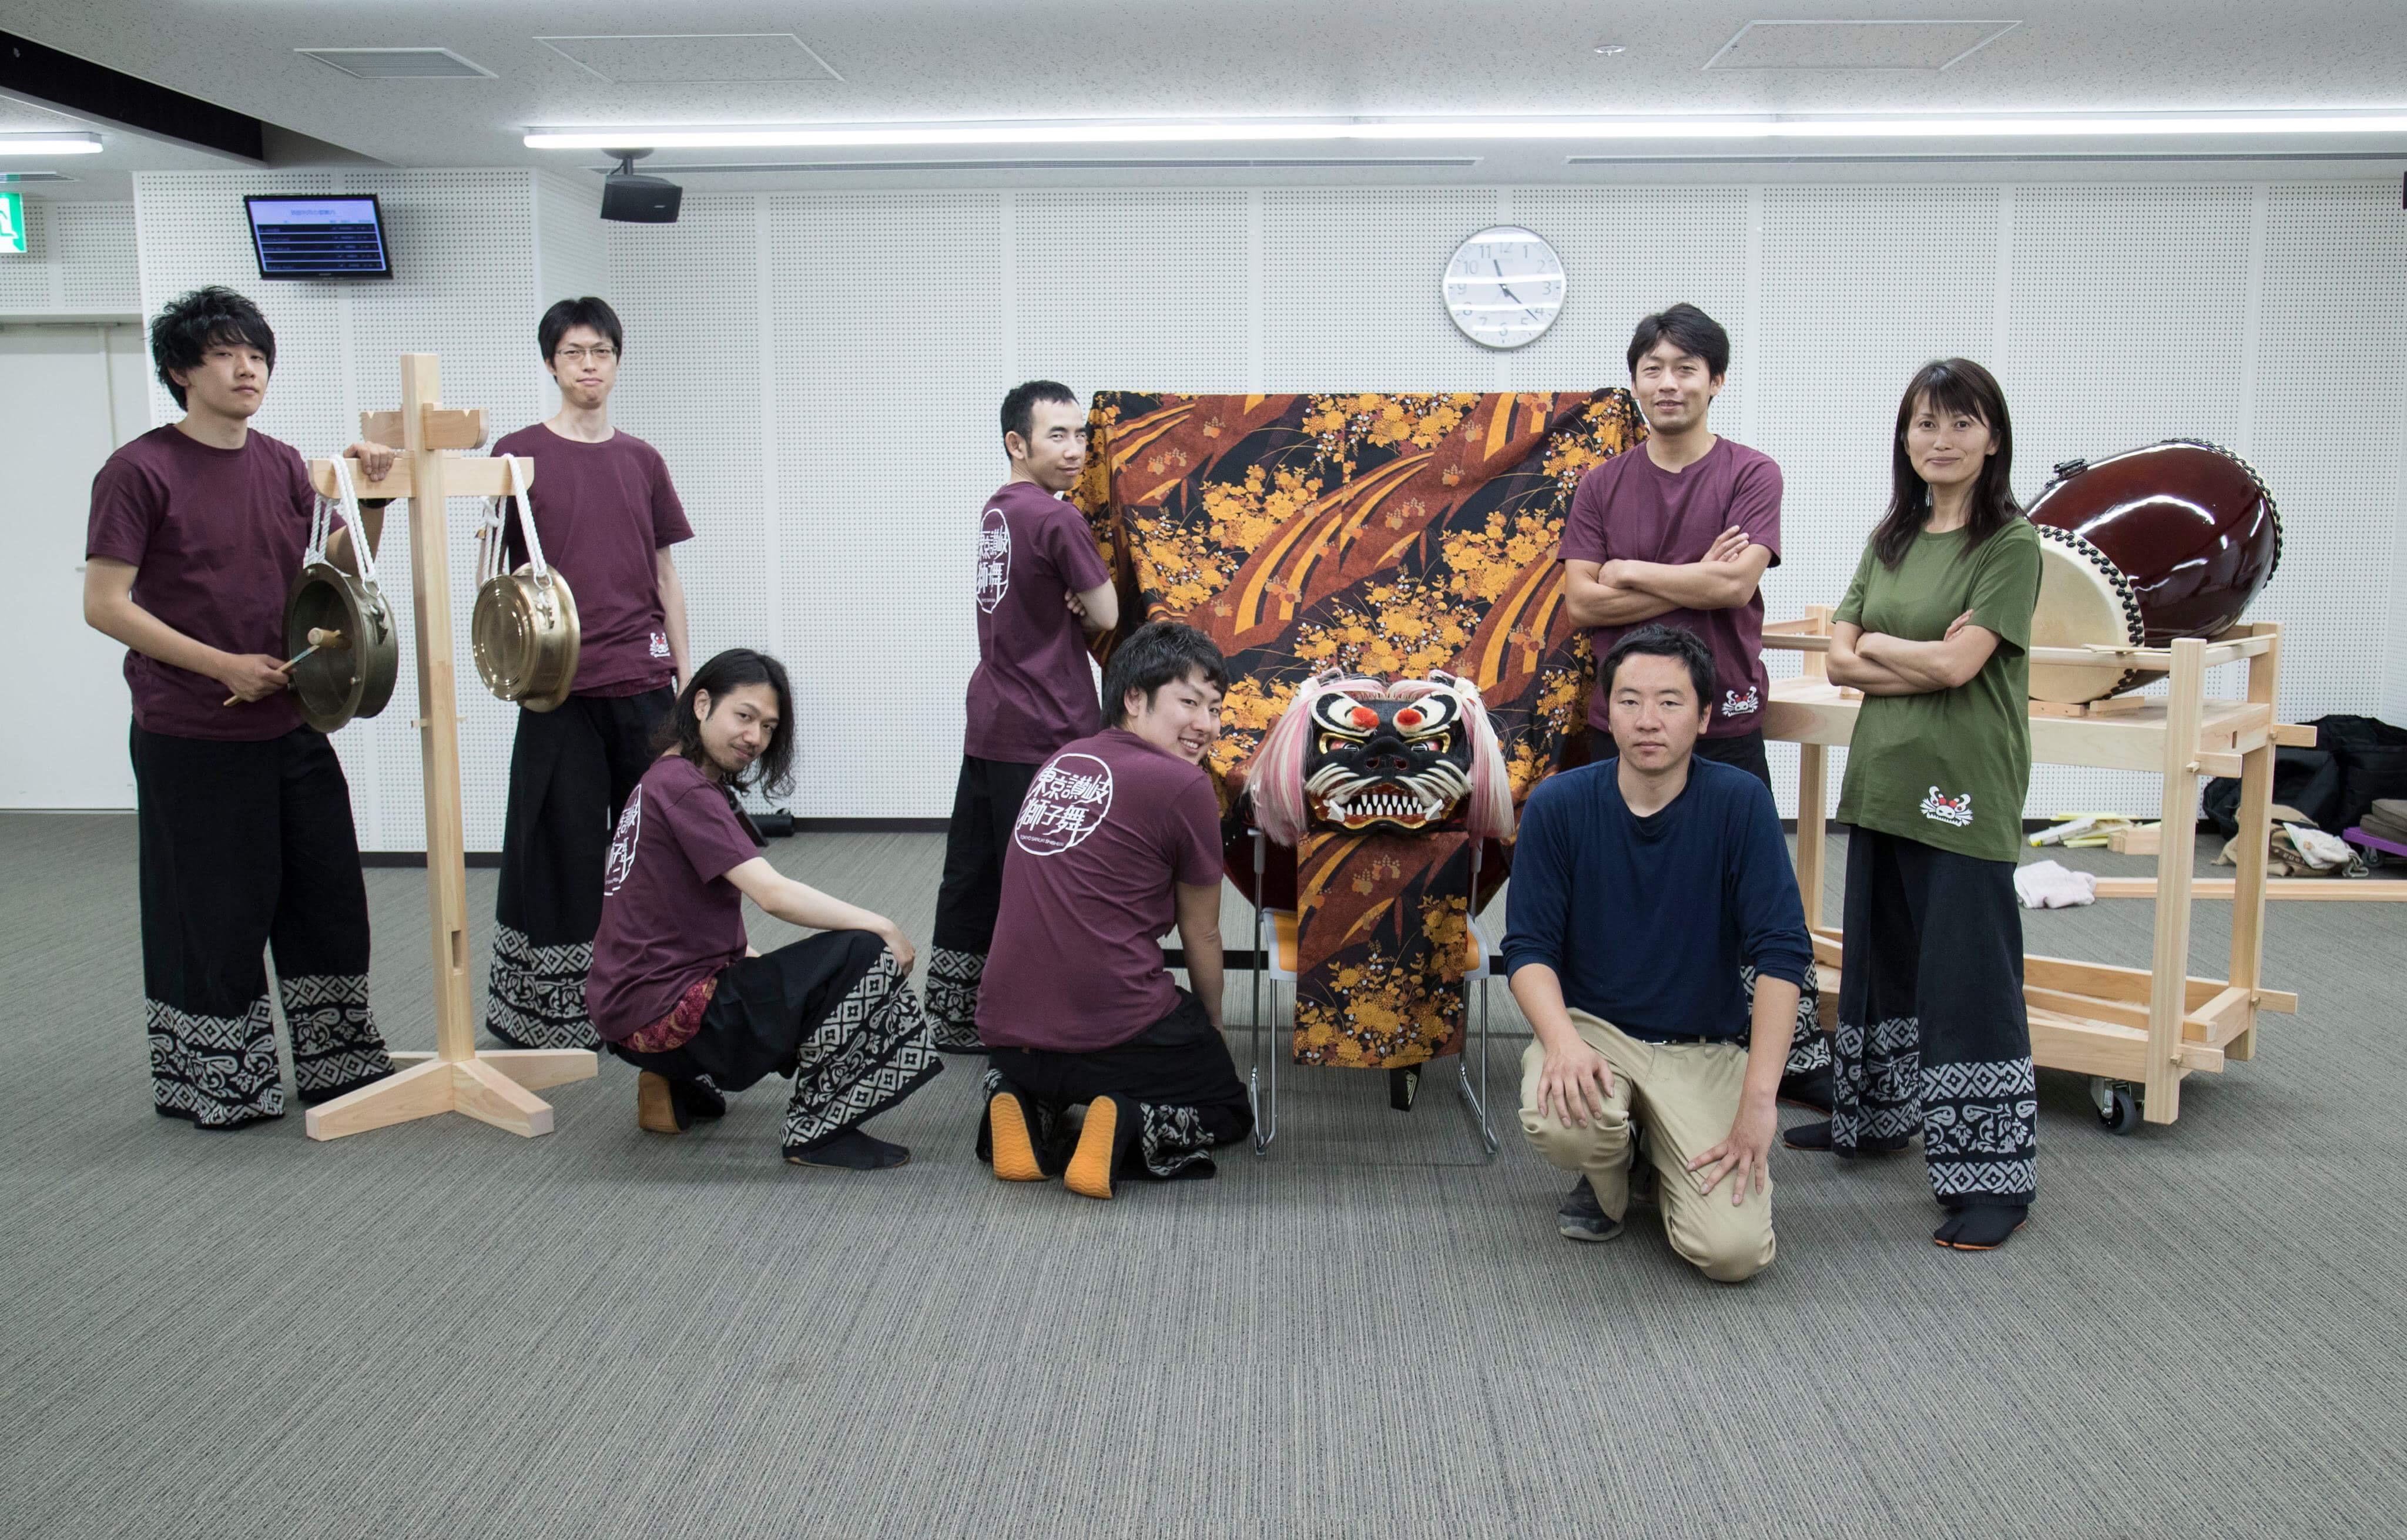 獅子舞(ししまい)応援団 はすみ工務店六代目棟梁と記念写真